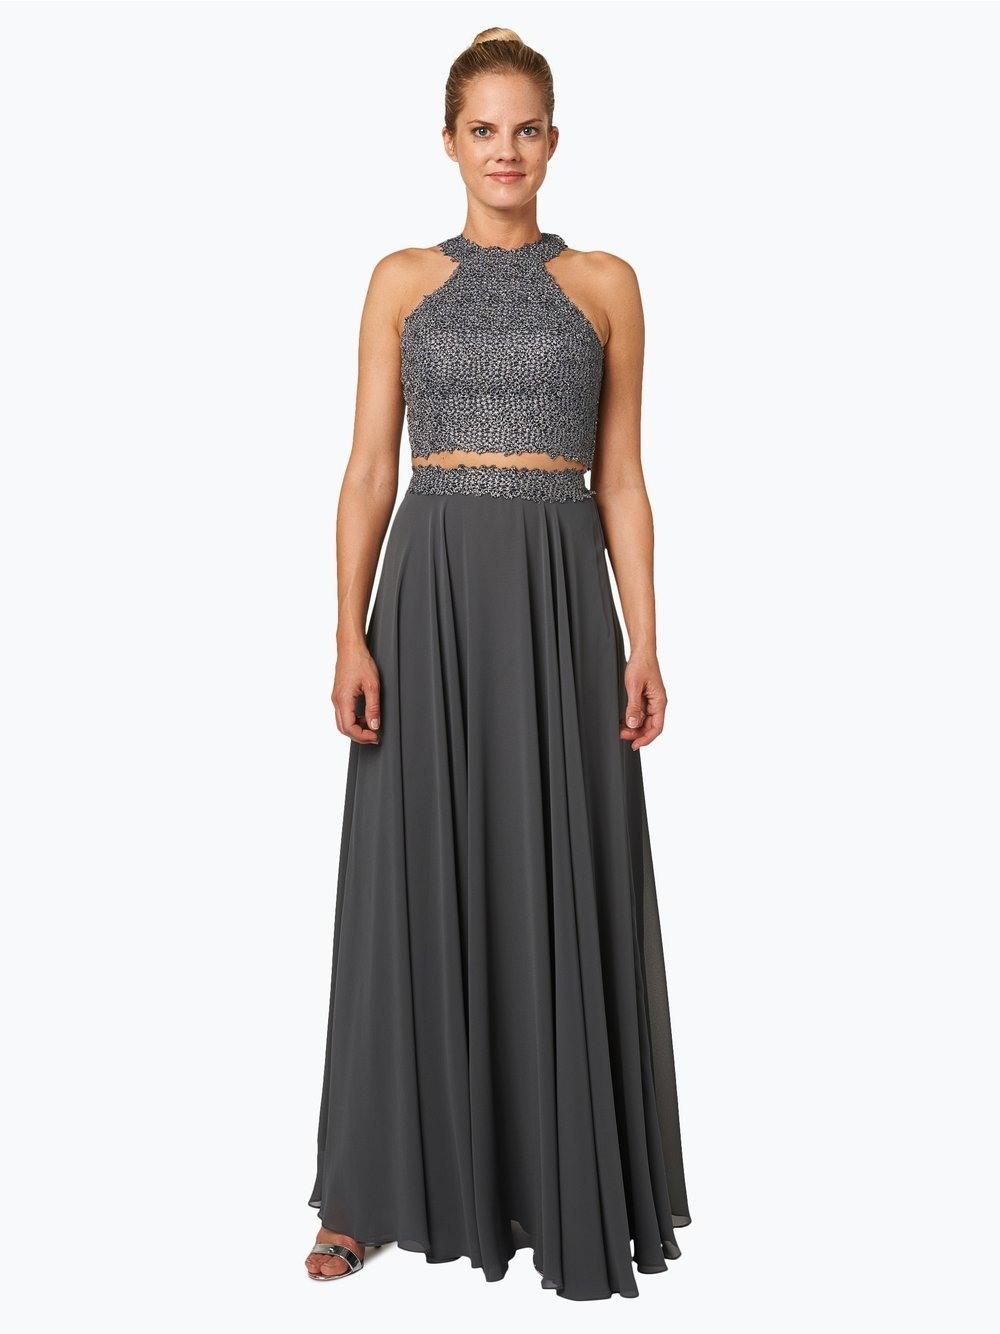 Erstaunlich Abendkleid Bauchfrei Galerie20 Wunderbar Abendkleid Bauchfrei Spezialgebiet